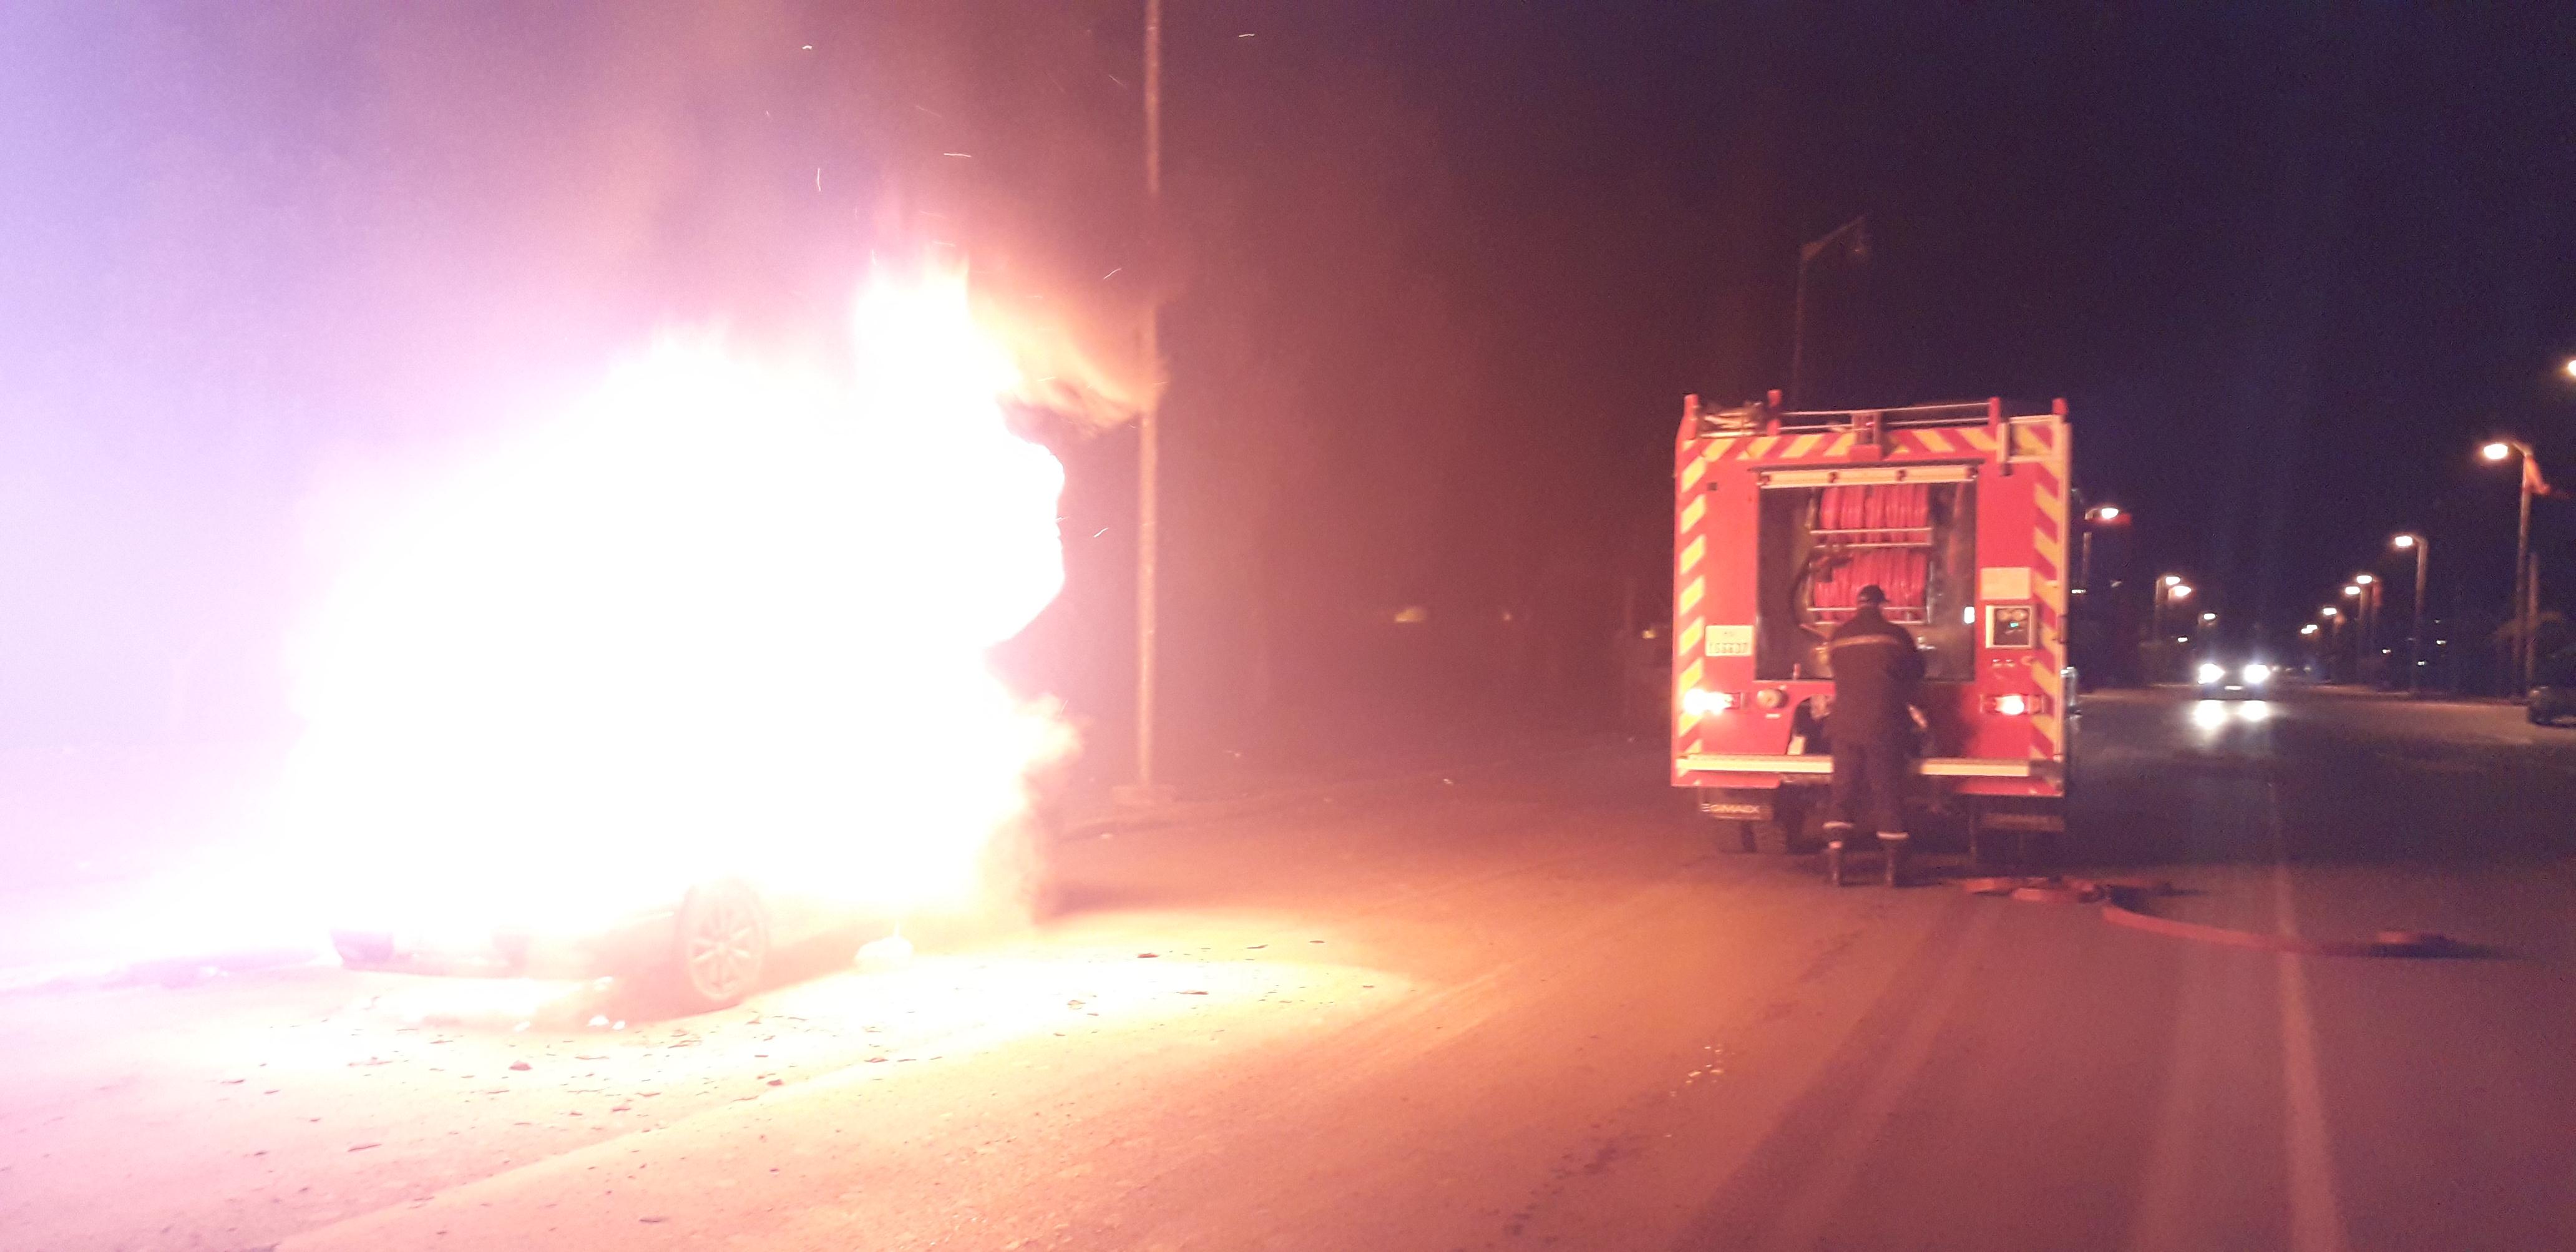 عاجل بالصور والفيديو/ إندلاع حريق مهول في سيارة بزايو يخلف خسائر مادية كبيرة